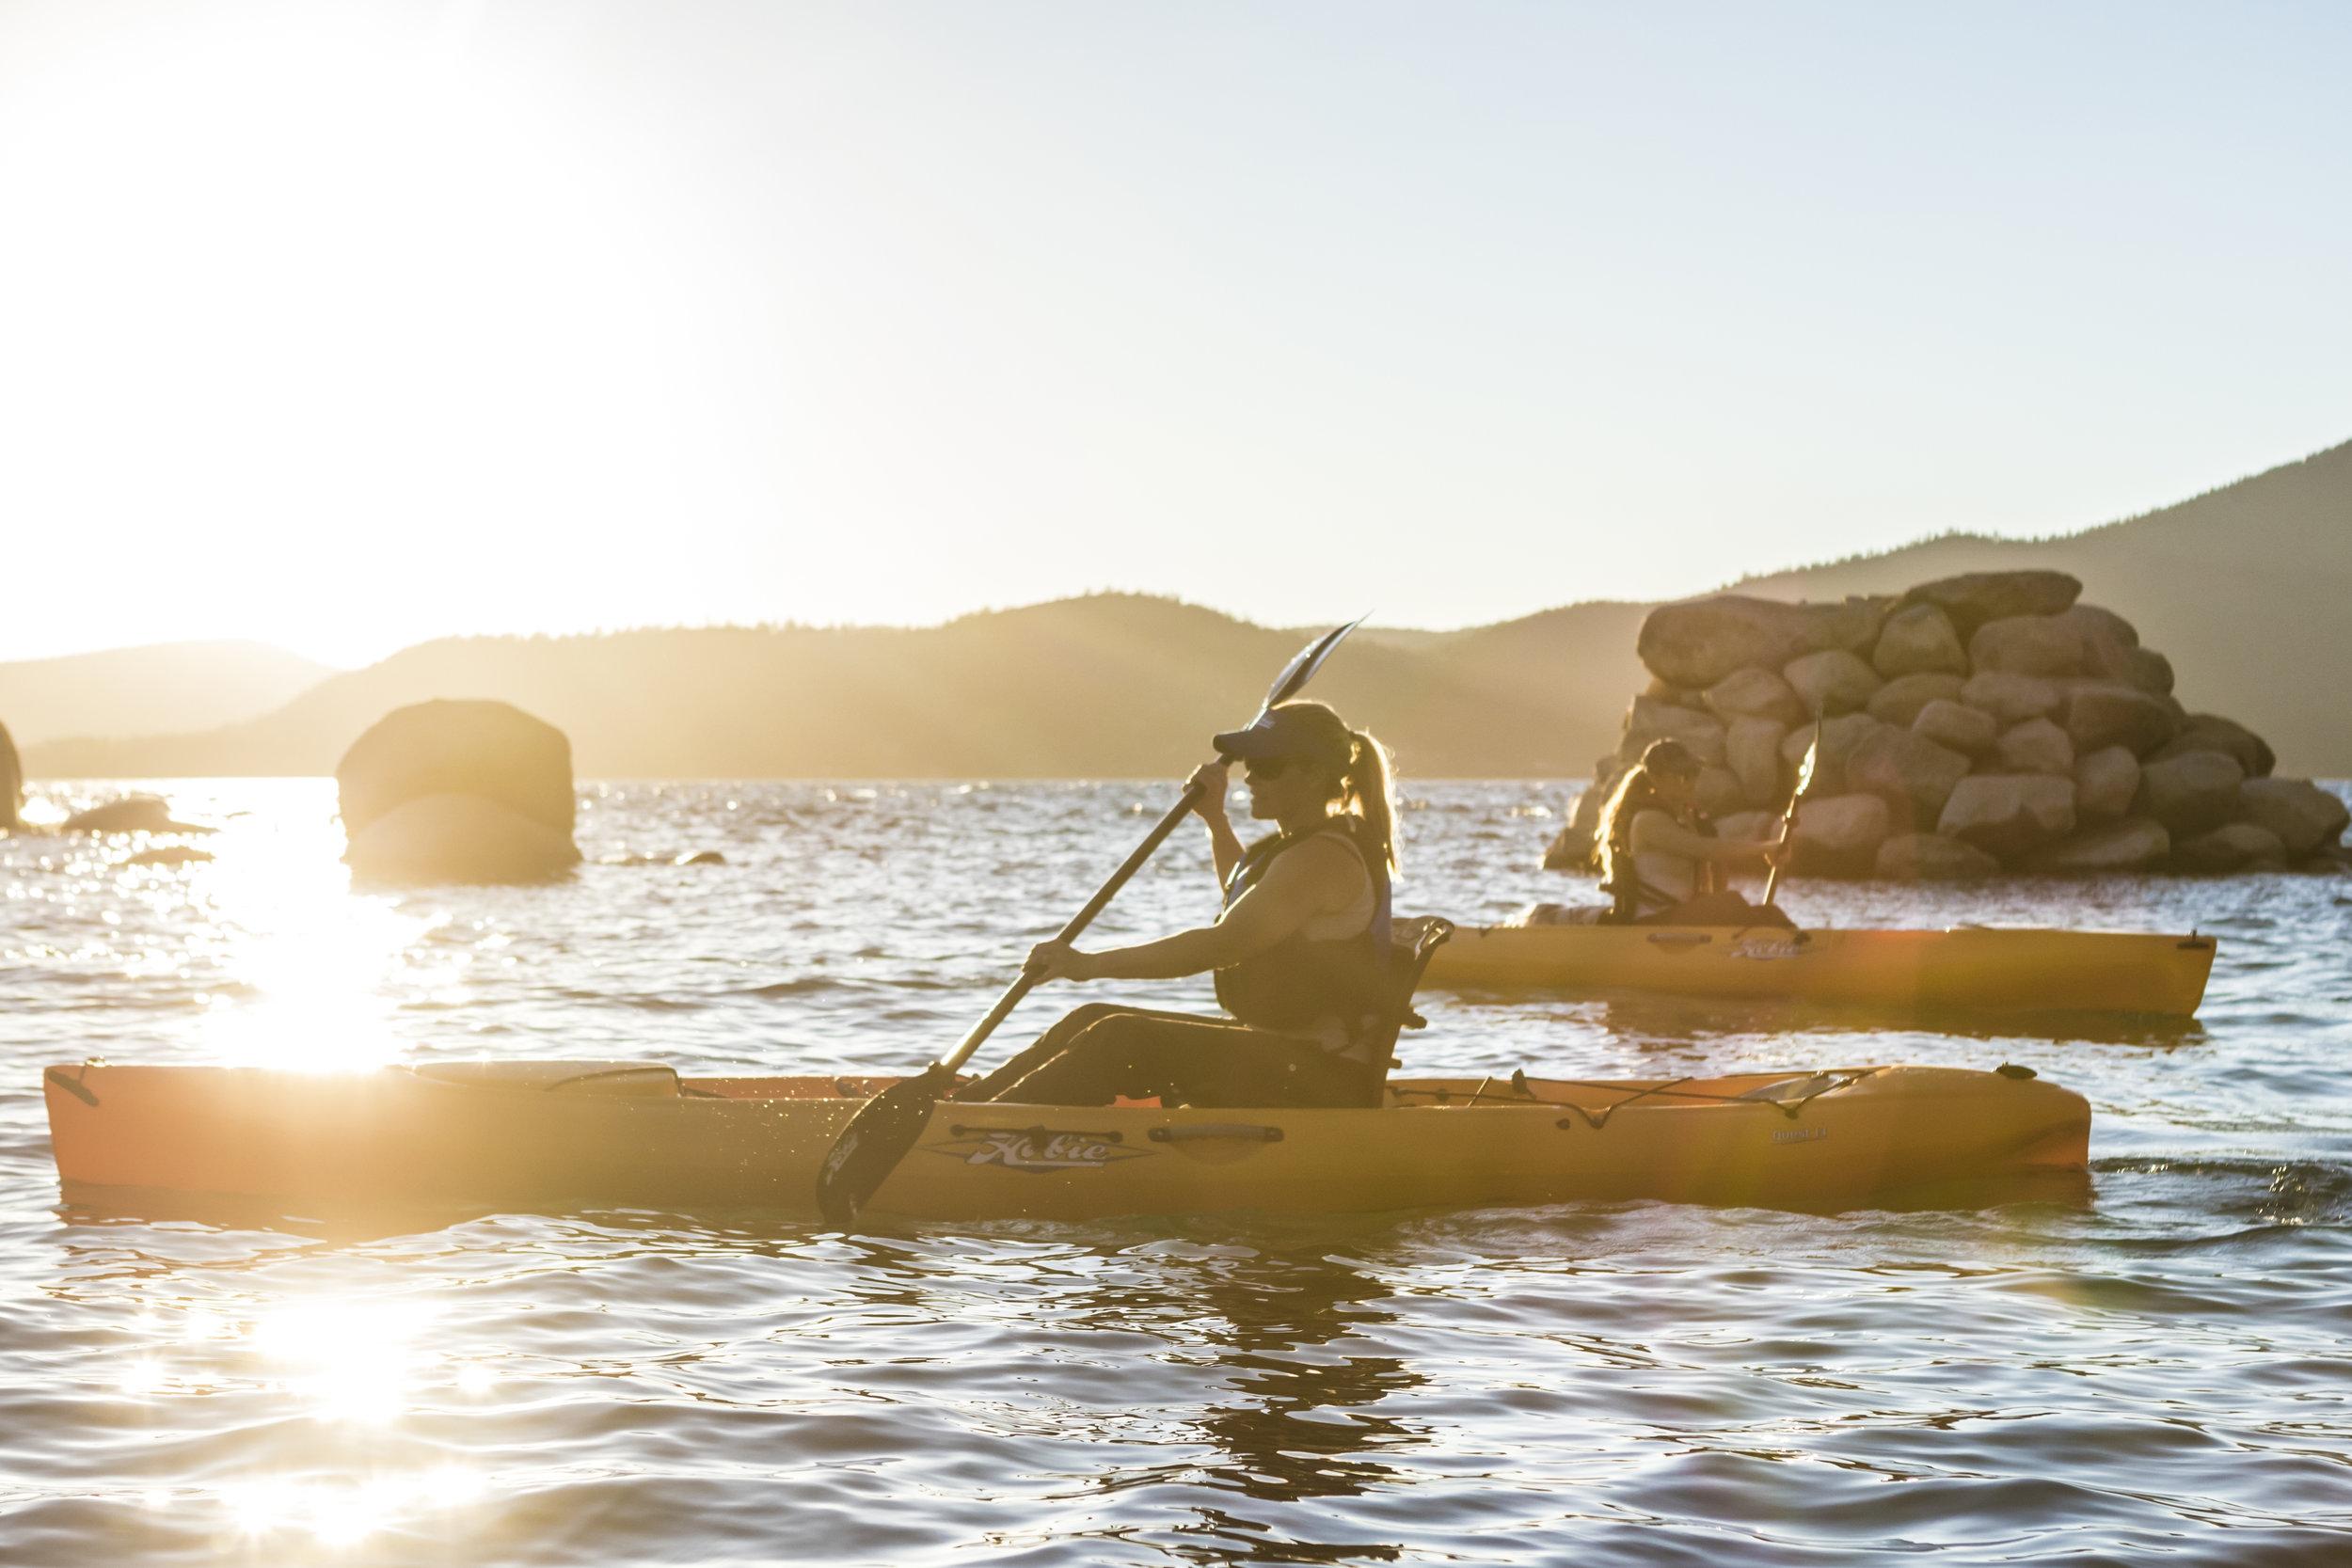 Quest_action_Tahoe_girls_Kim_sunset_1627_full (1).jpg